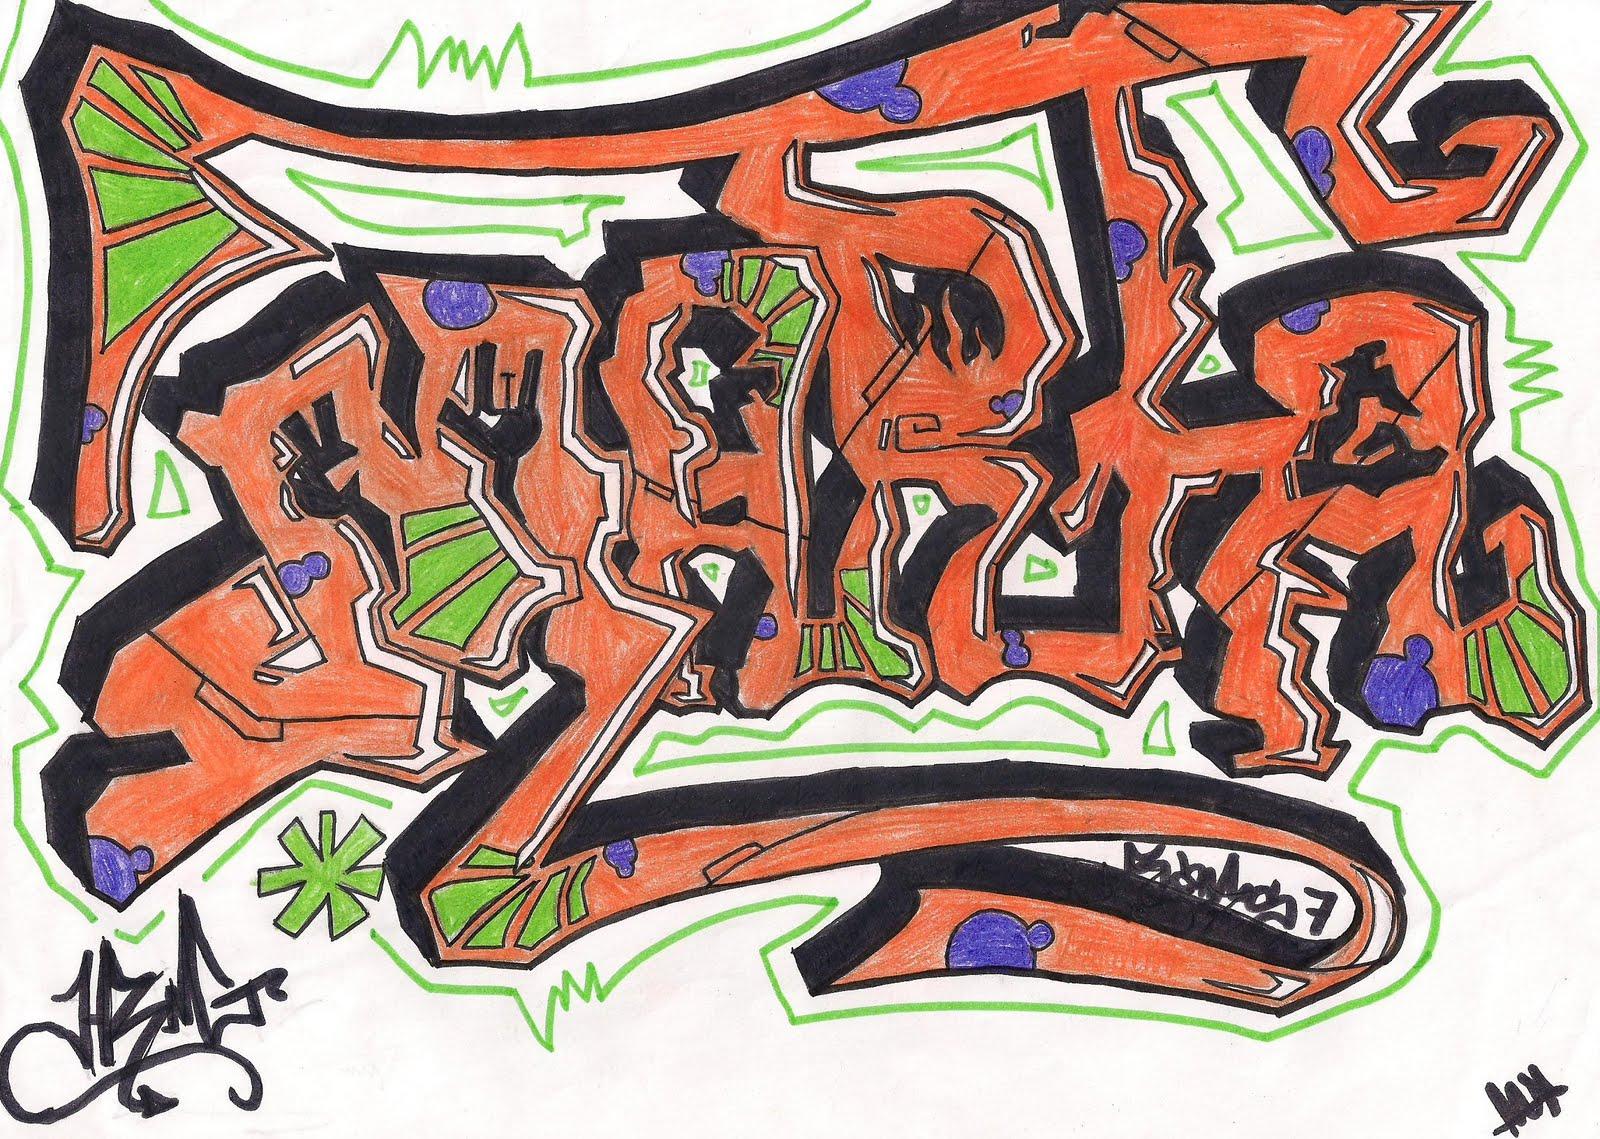 Graffiti Julio Cortázar - literaberinto.com